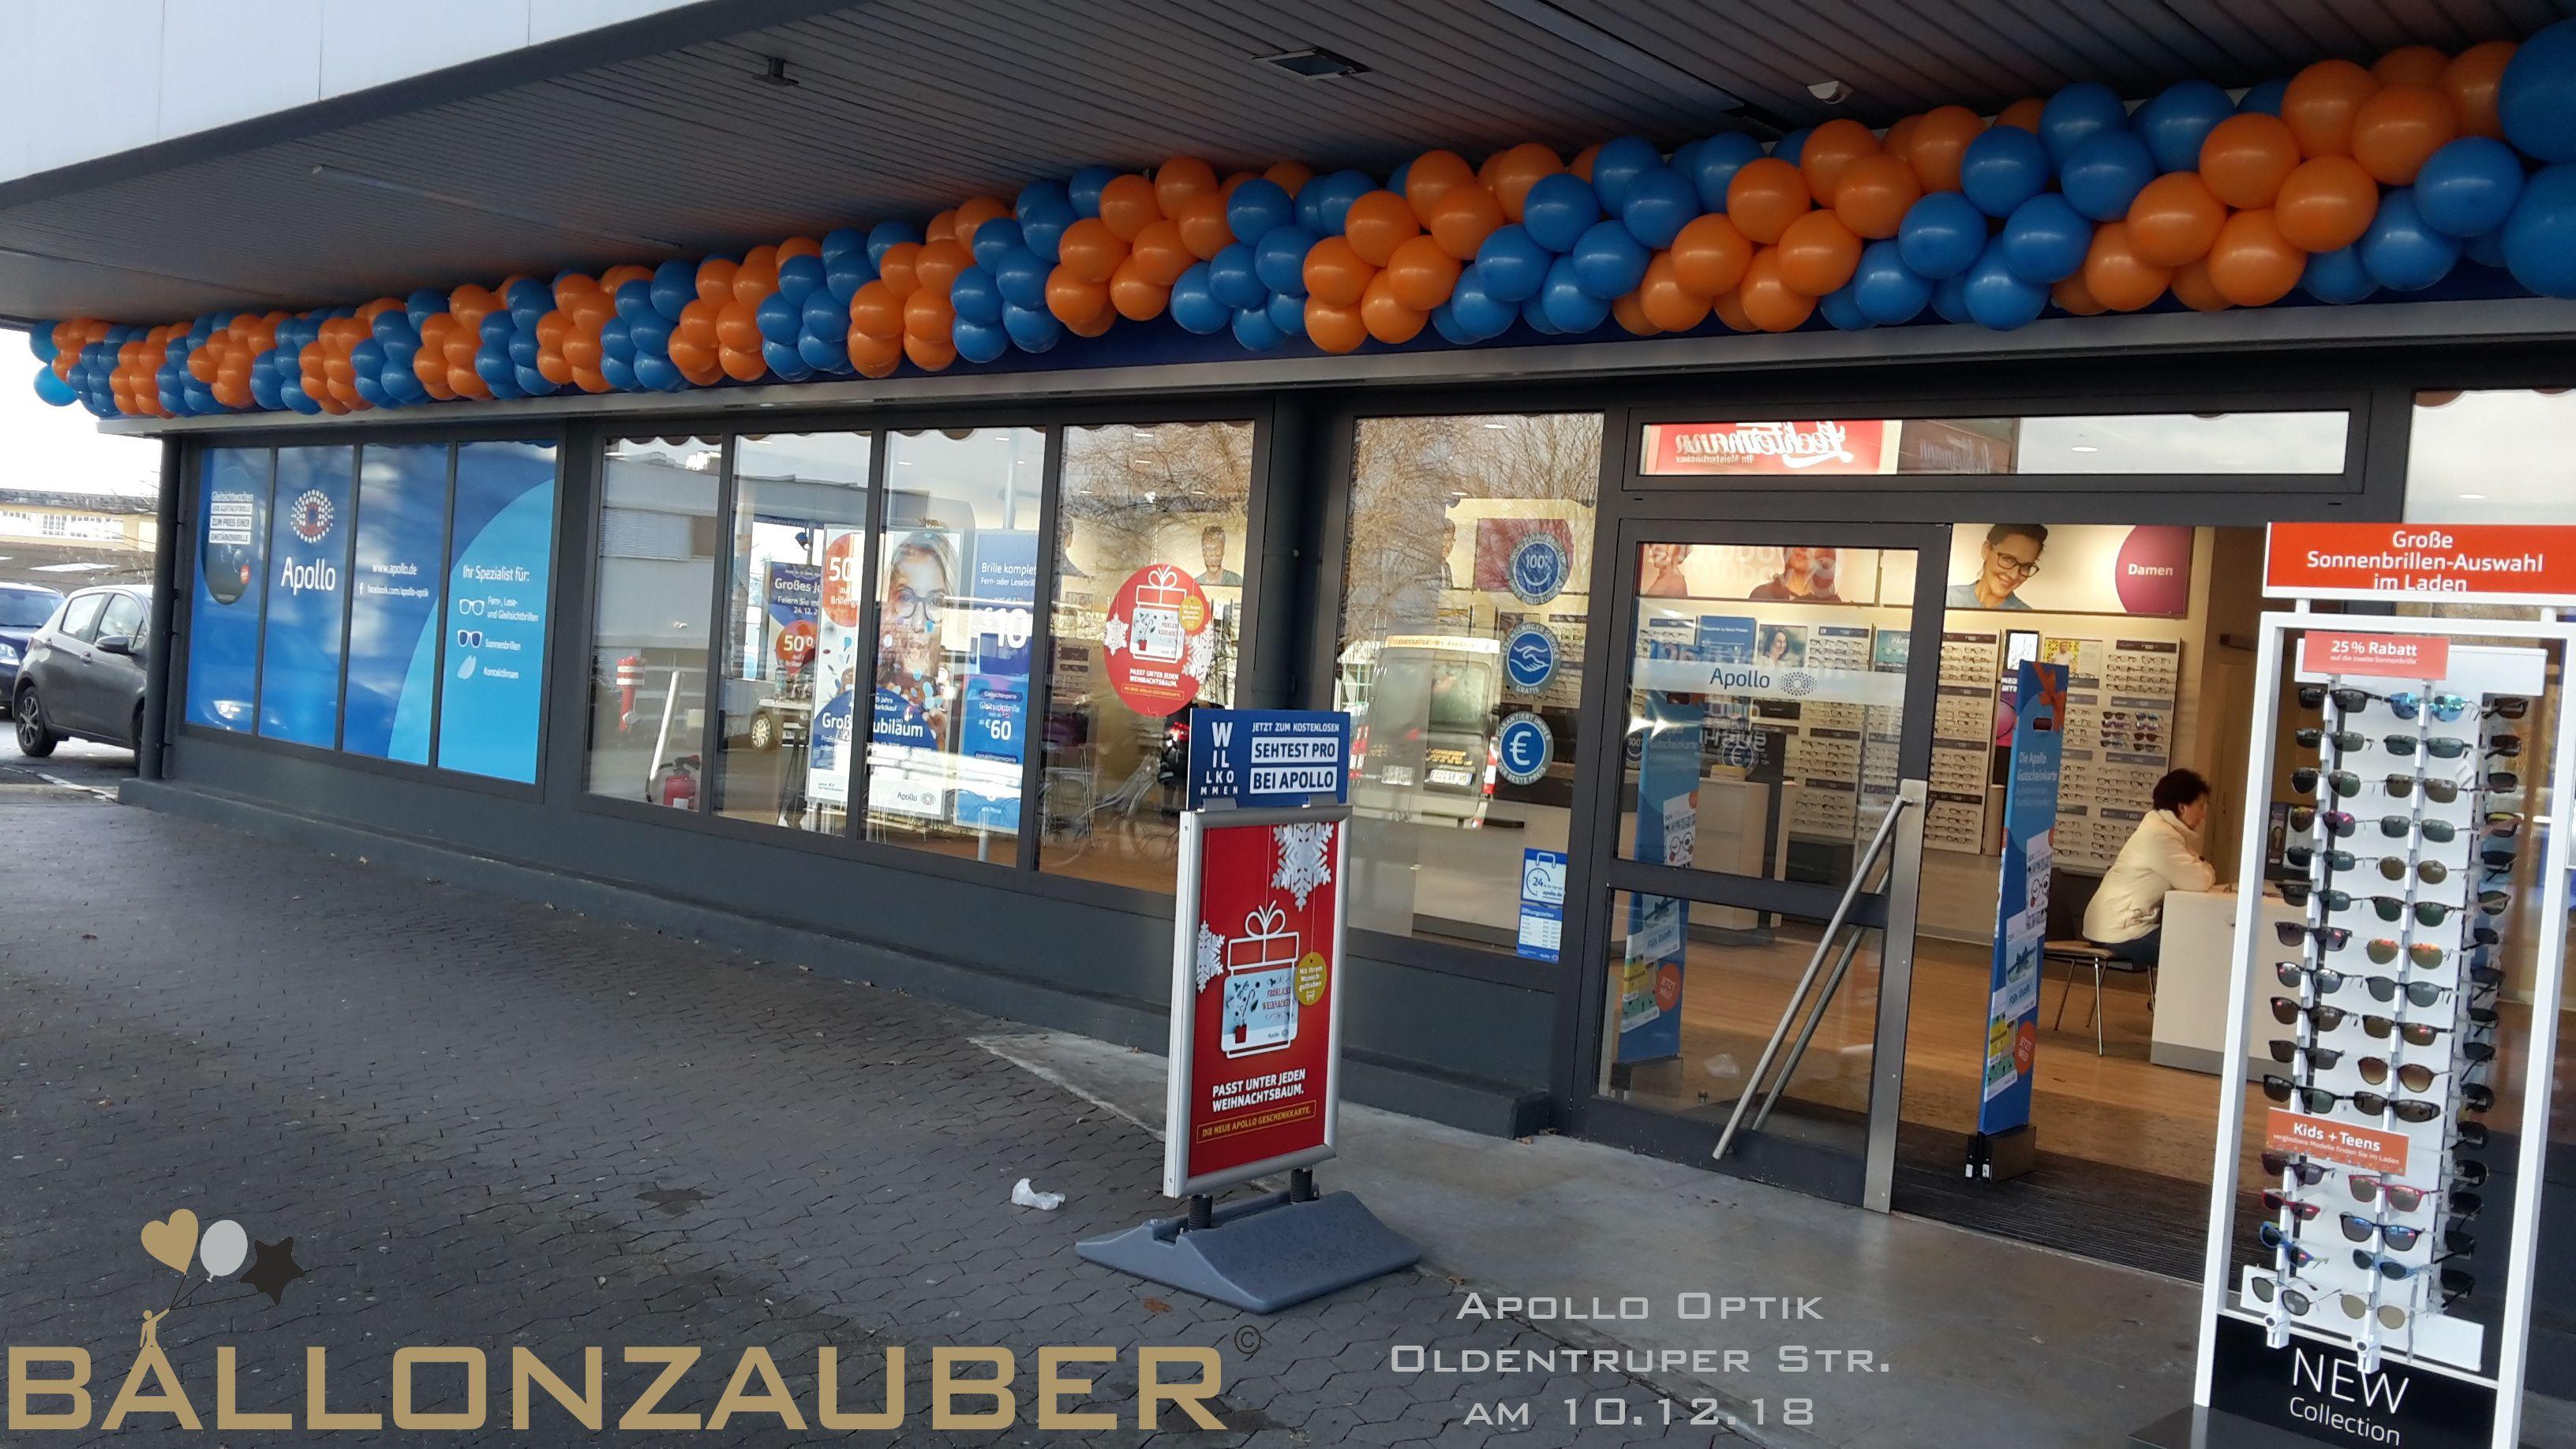 Ballongirlande Aus Orangenen Und Blauen Latexballons Fur Apollo Optik In Bielefeld Ballondekorationen Ballongirlande Aufblasbar